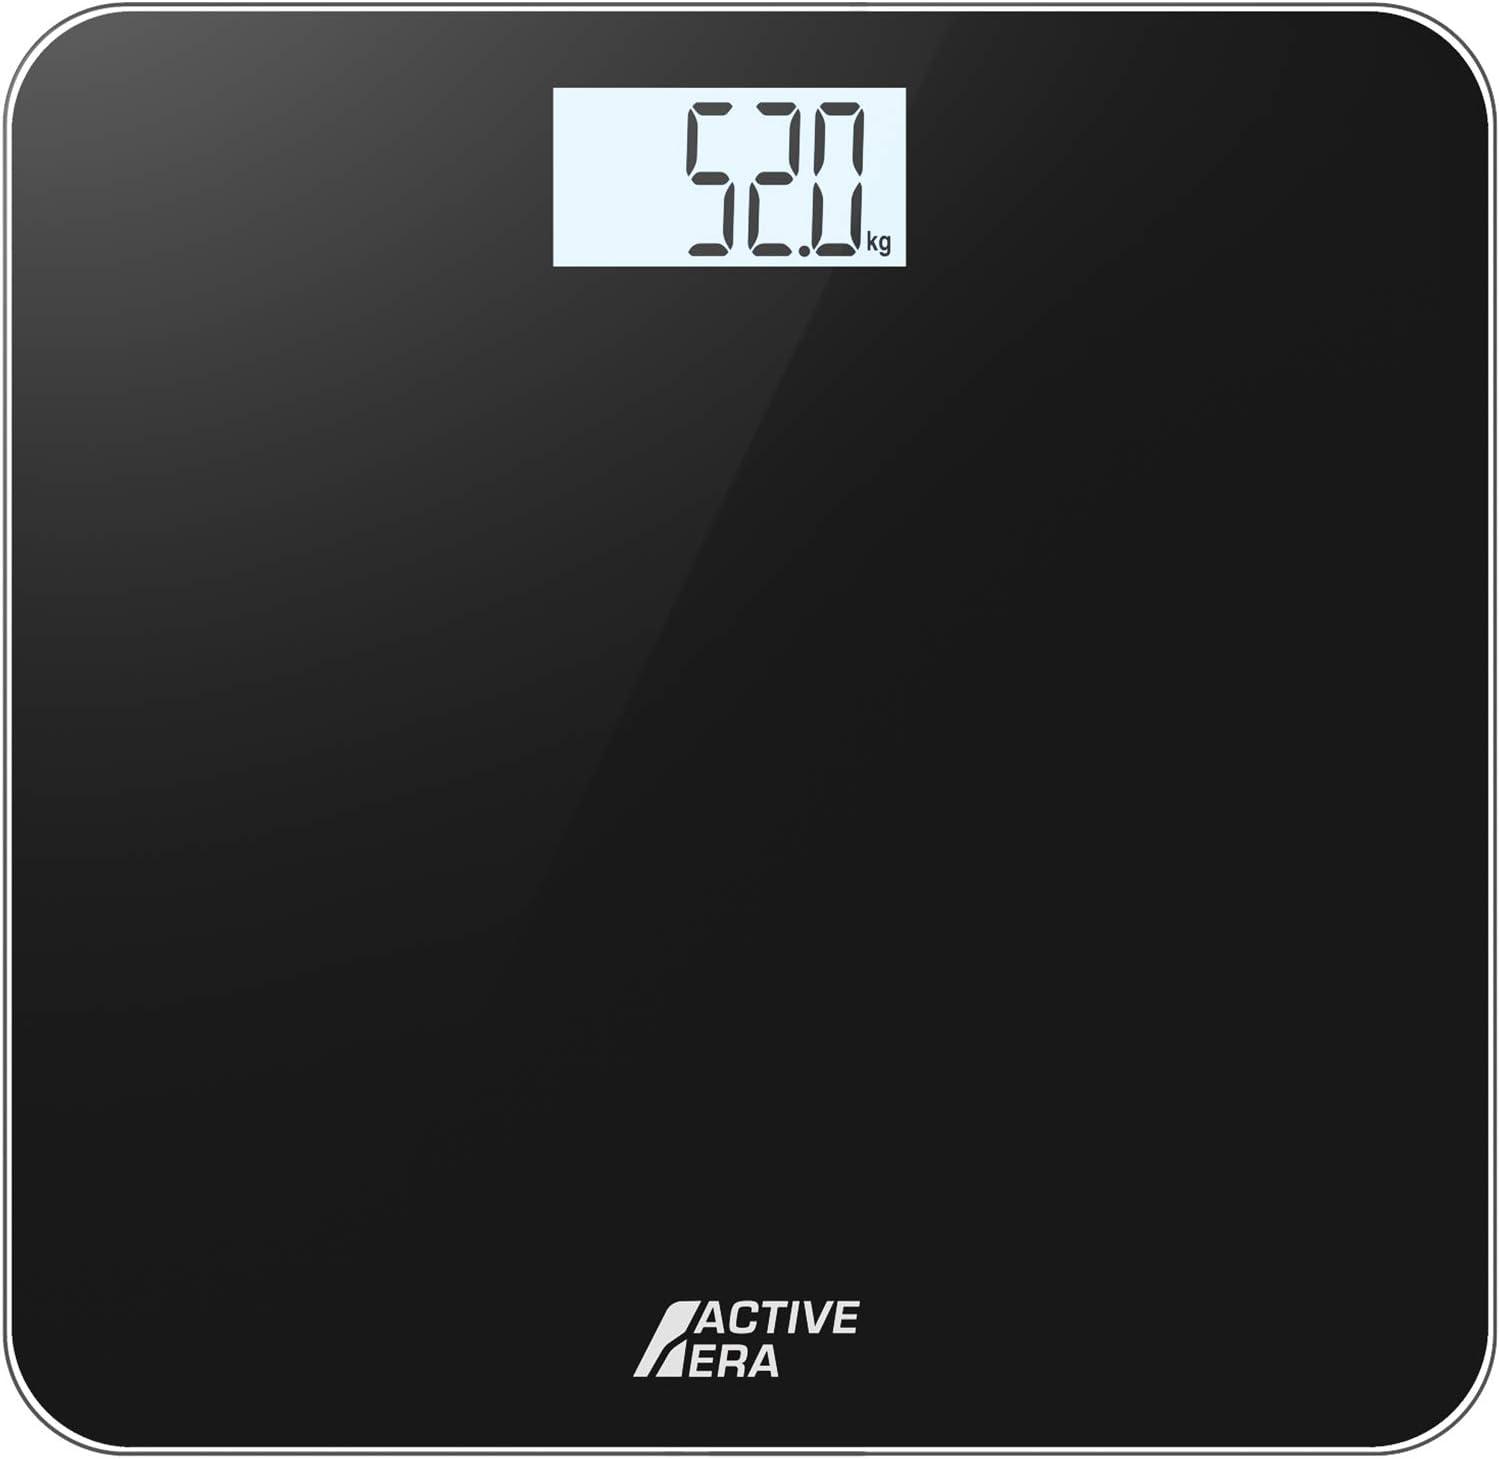 Active EraTM Báscula de Baño Digital Ultrafina con Sensores de Alta Precisión (stones/kgs/libras) - Negro